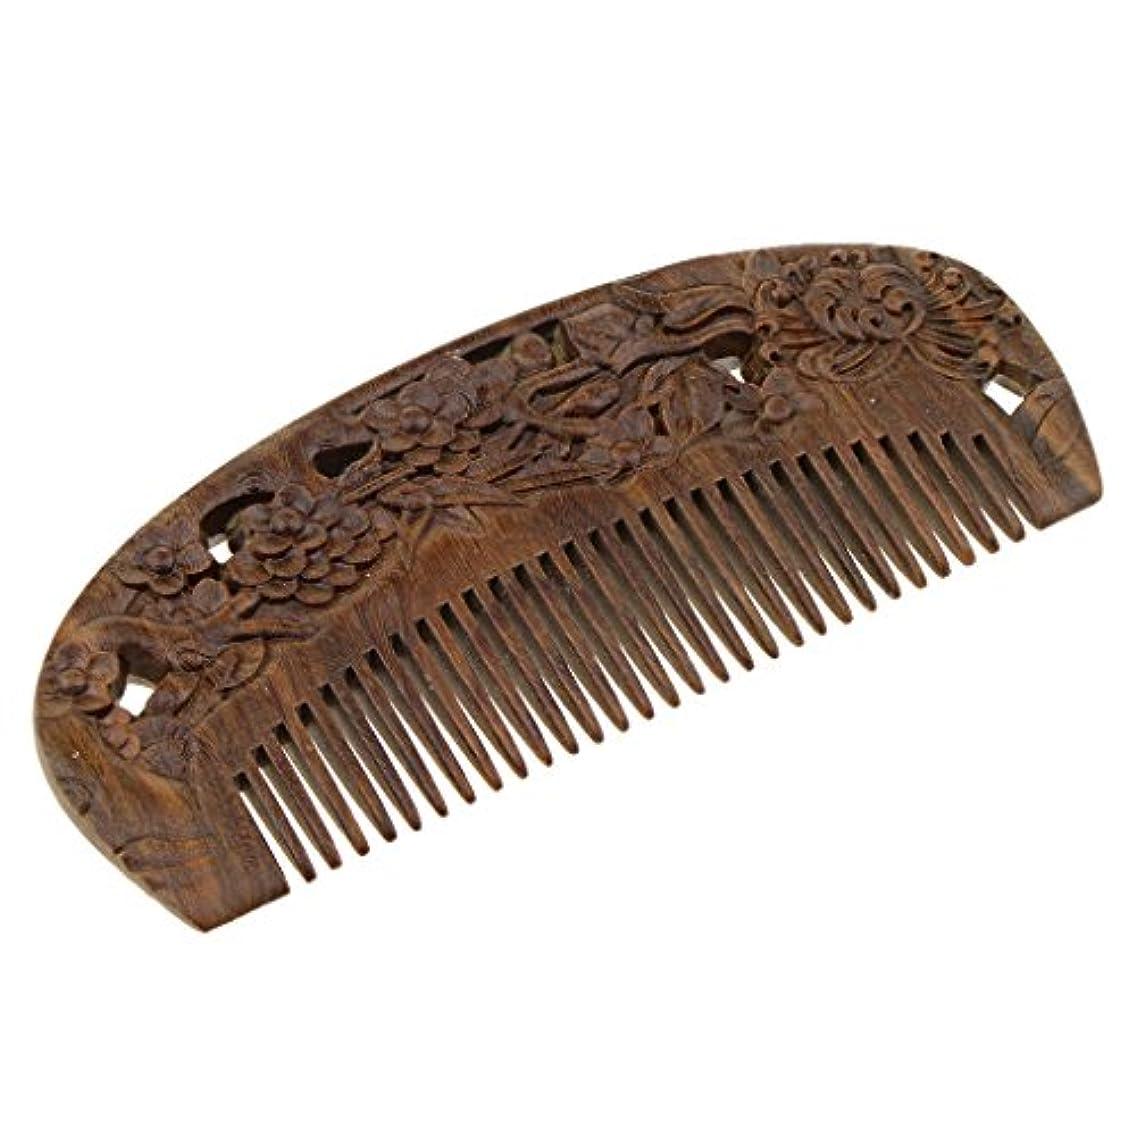 暗記する流用するステーキヘアコーム 木製櫛 頭皮マッサージ 櫛 プレゼント レトロ イプ選べる - #2